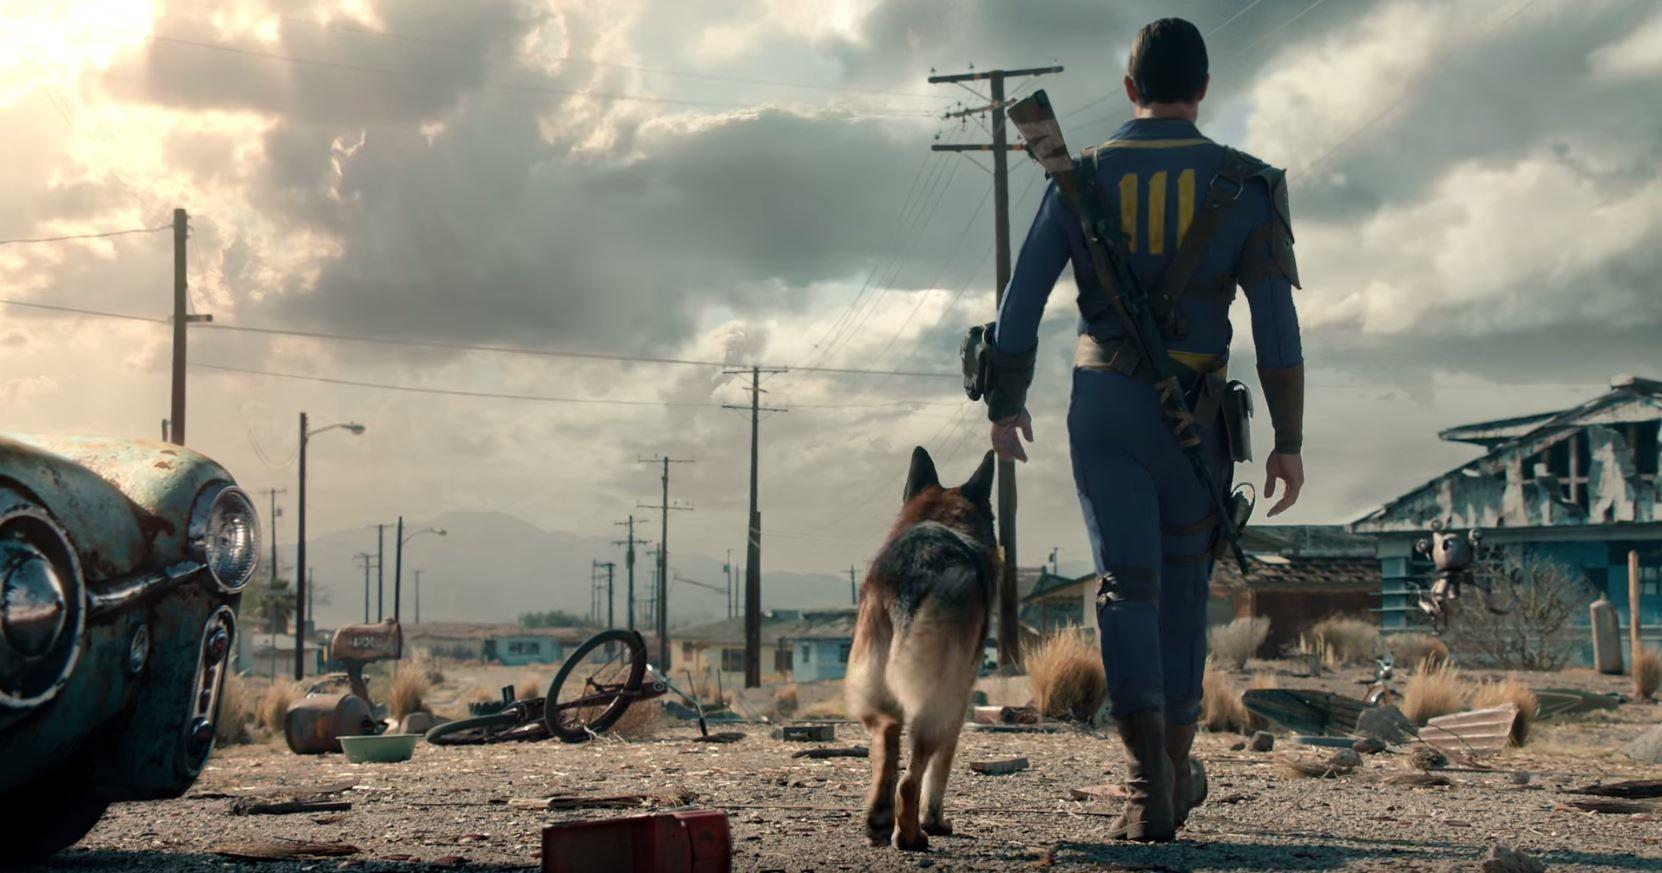 Live-Action-Trailer zu Spielen sind so eine Sache. Warum veröffentlicht man diese, wenn das eigentliche Spiel doch gar nicht so aussieht? Der Live-Action-Trailer zu Fallout 4 jedenfalls weckt in mir Sehnsüchte nach einem Spiel, das wirklich so aussieht.  https://gamezine.de/und-jetzt-erwarte-ich-dass-fallout-4-so-aussieht.html